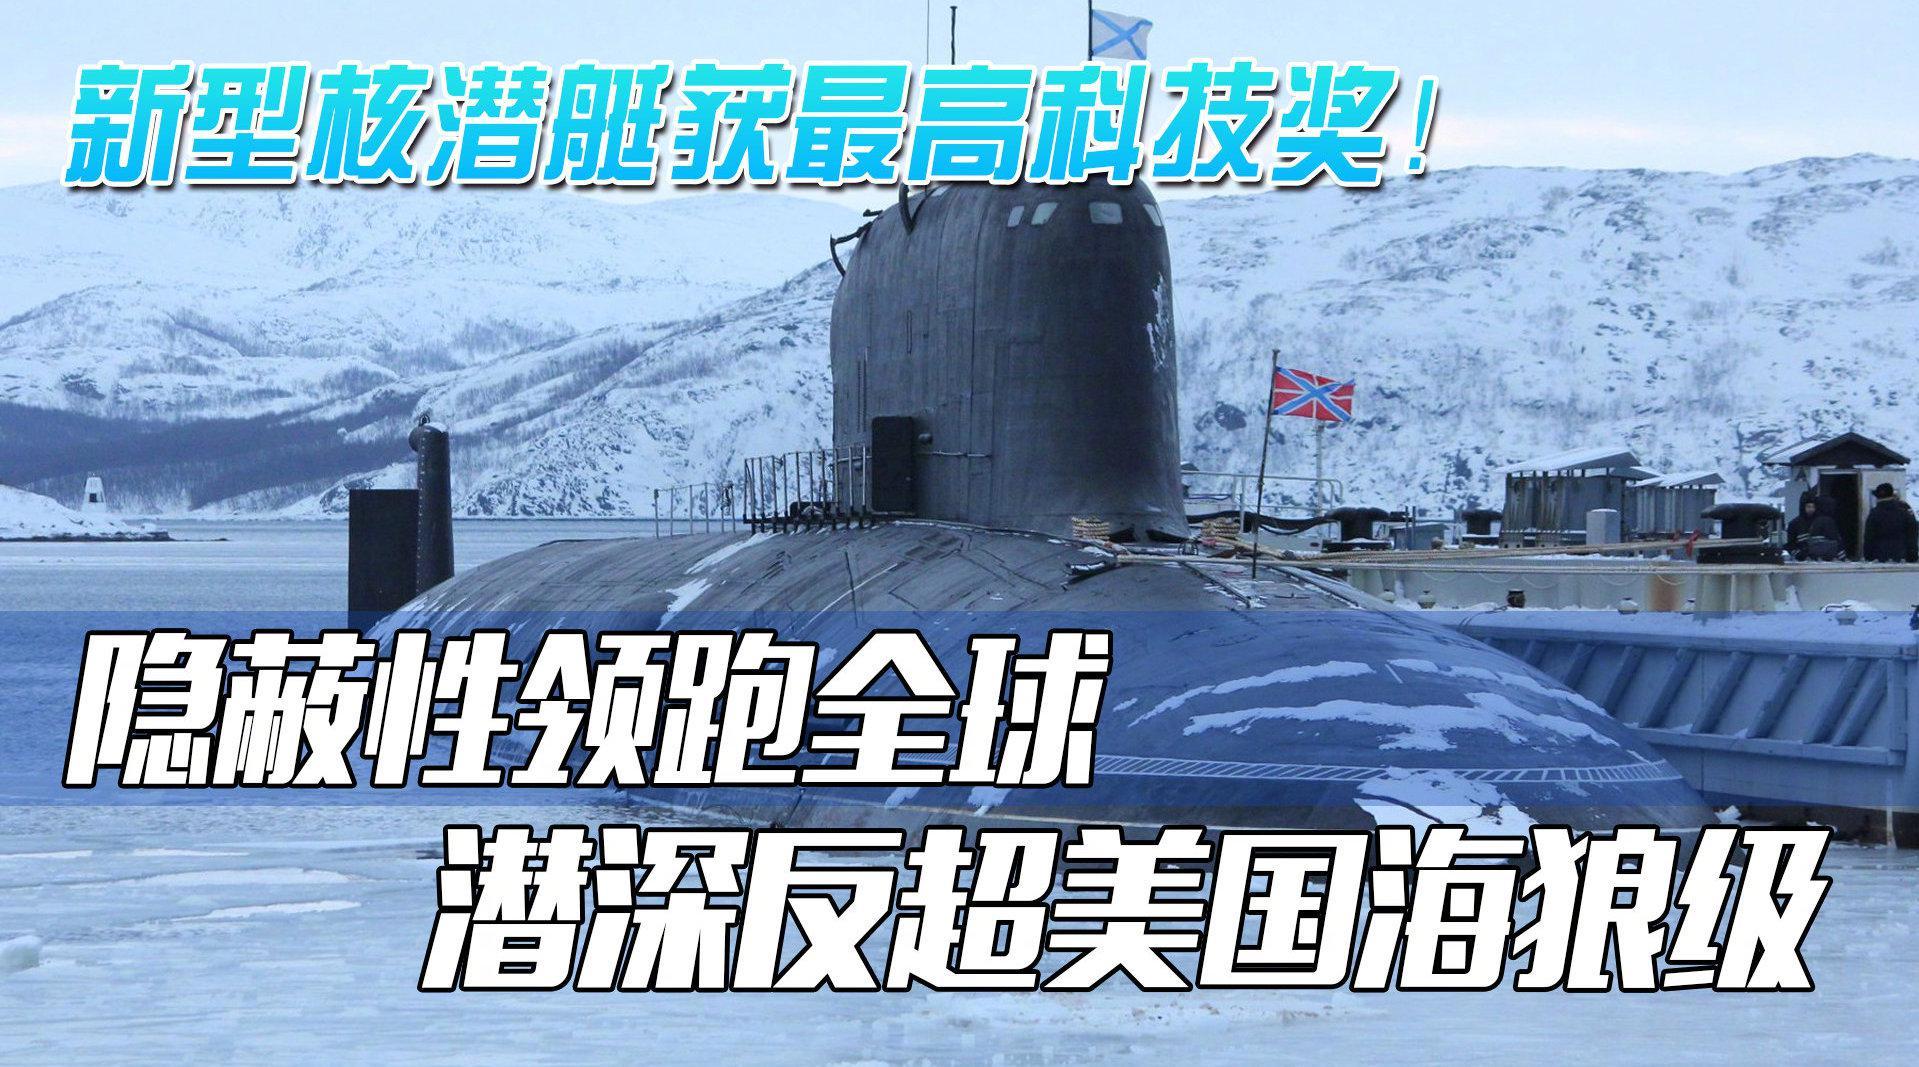 新型核潜艇获最高科技奖!隐蔽性领跑全球,潜深反超美国海狼级